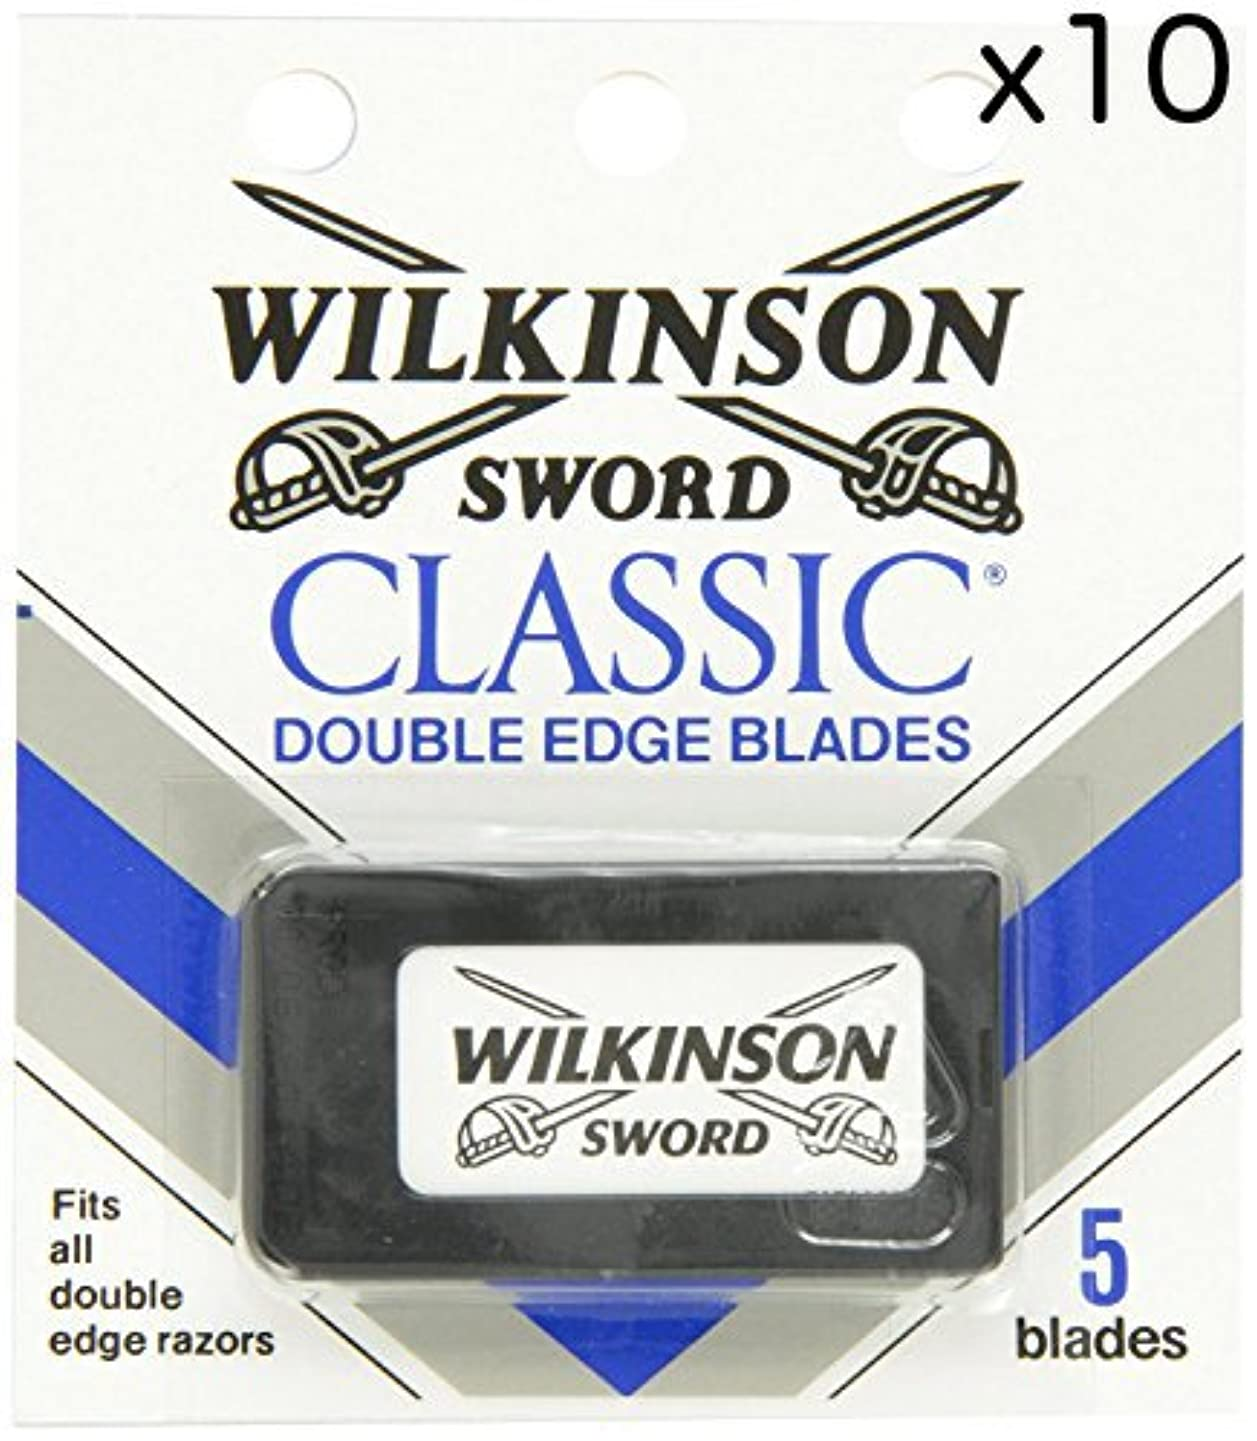 エリート感謝している組み合わせWilkinson Sword ウィルキンソンソード 両刃替刃 50個入り (5 x 10) [並行輸入品]